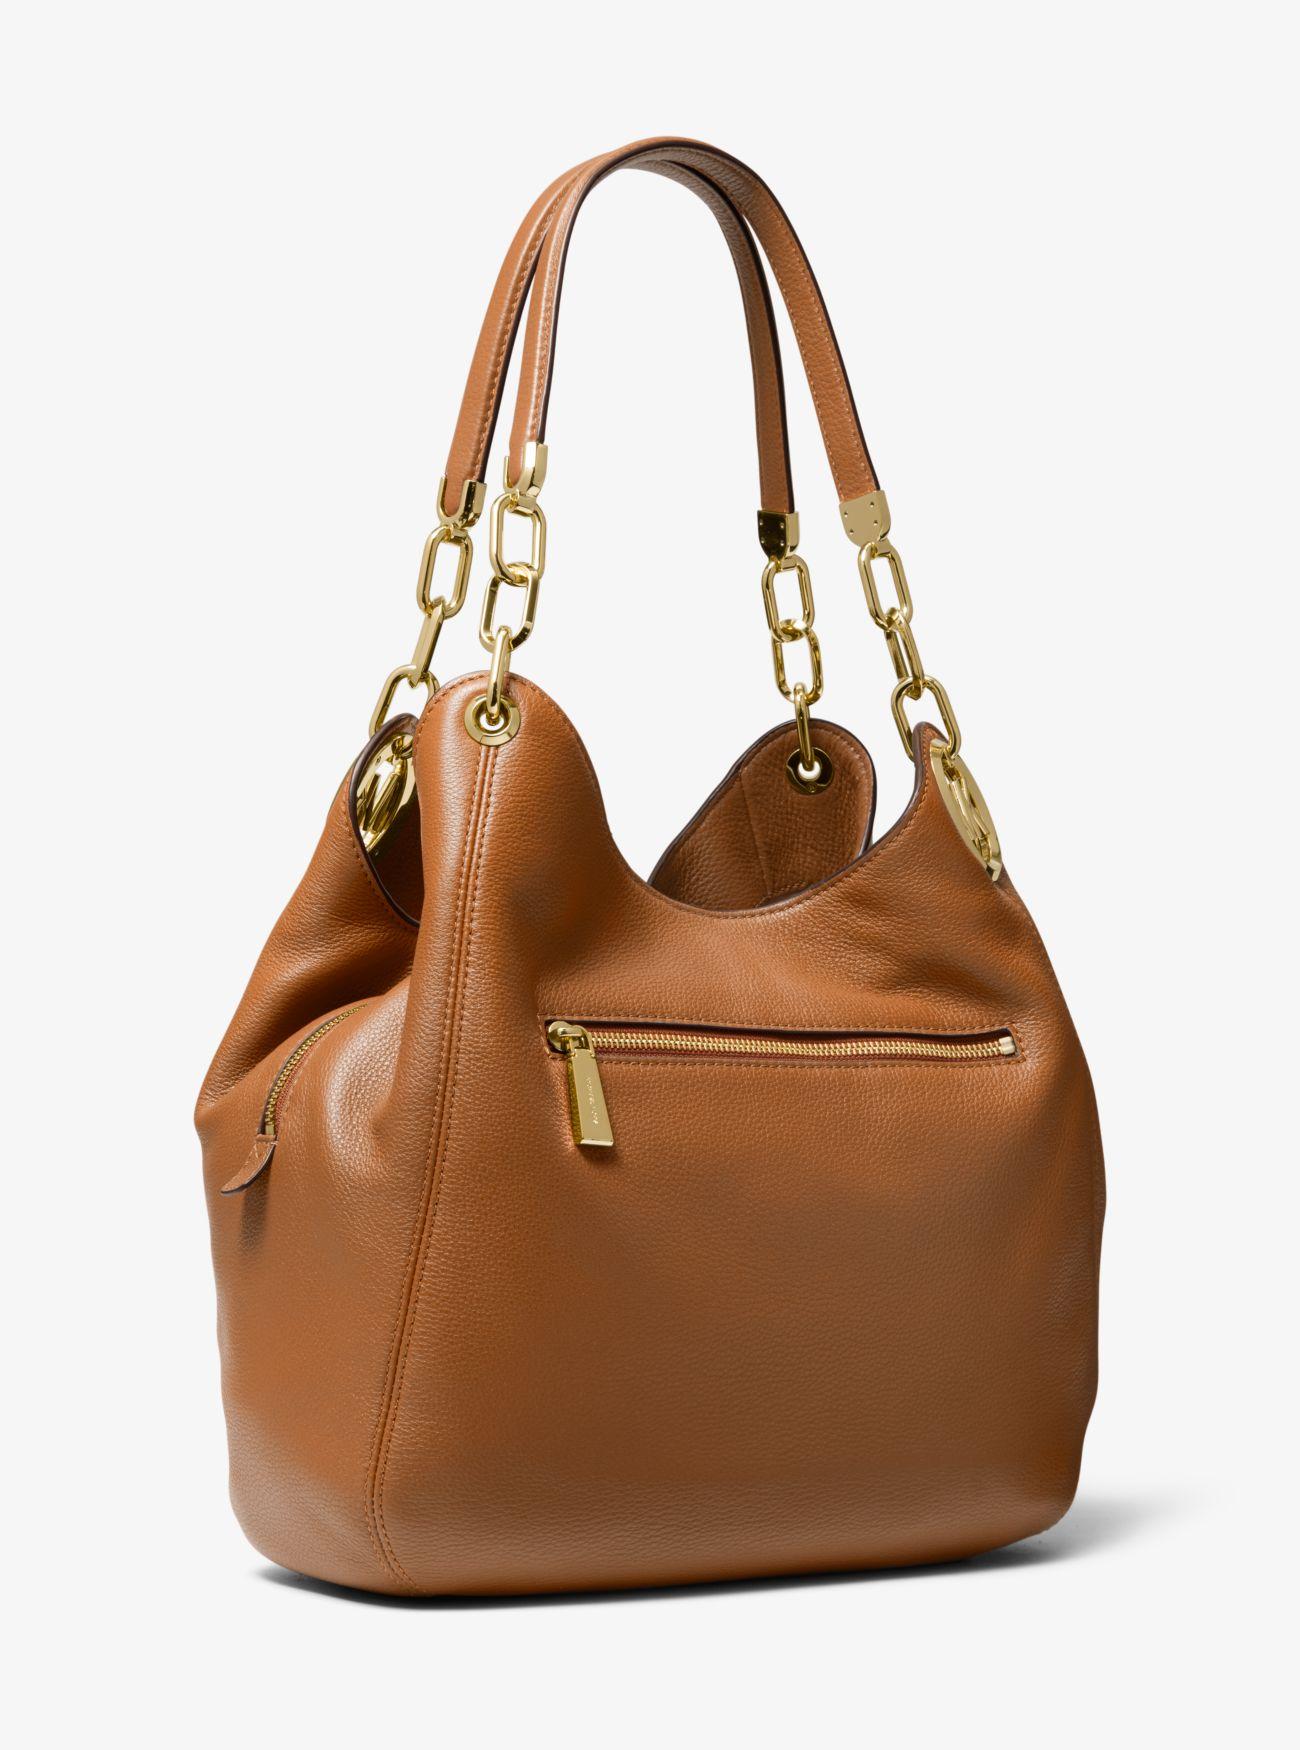 037e06652342 ... Lillie Large Pebbled Leather Shoulder Bag Lillie Large Pebbled Leather  Shoulder Bag. MICHAEL Michael Kors